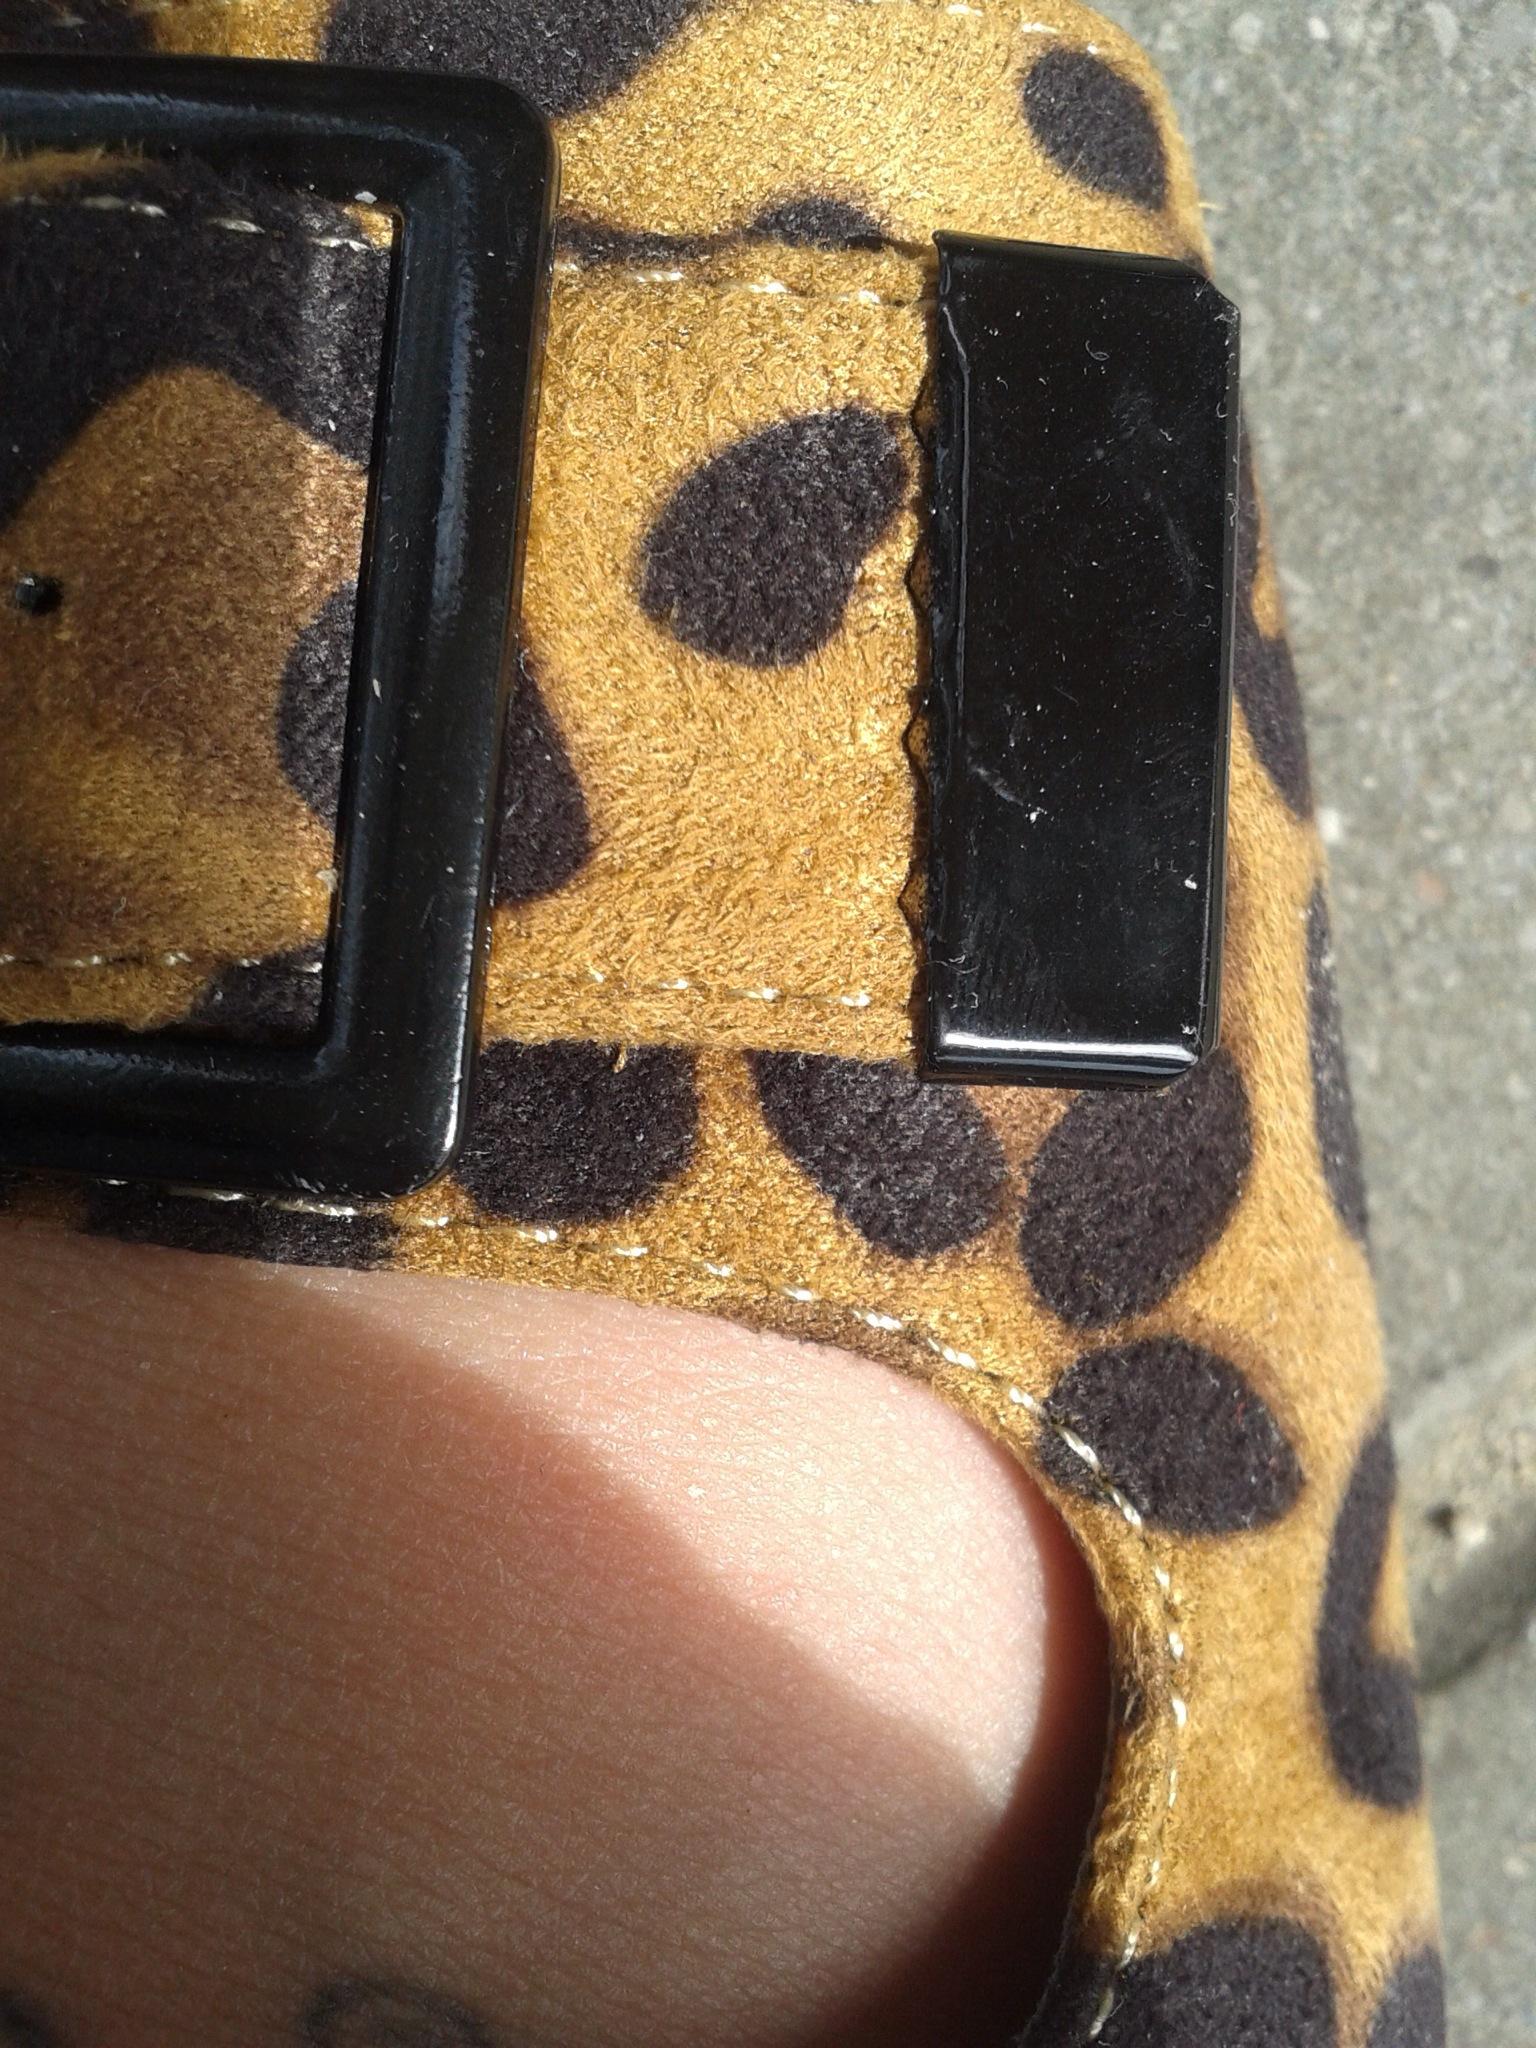 detalle uggly shoes